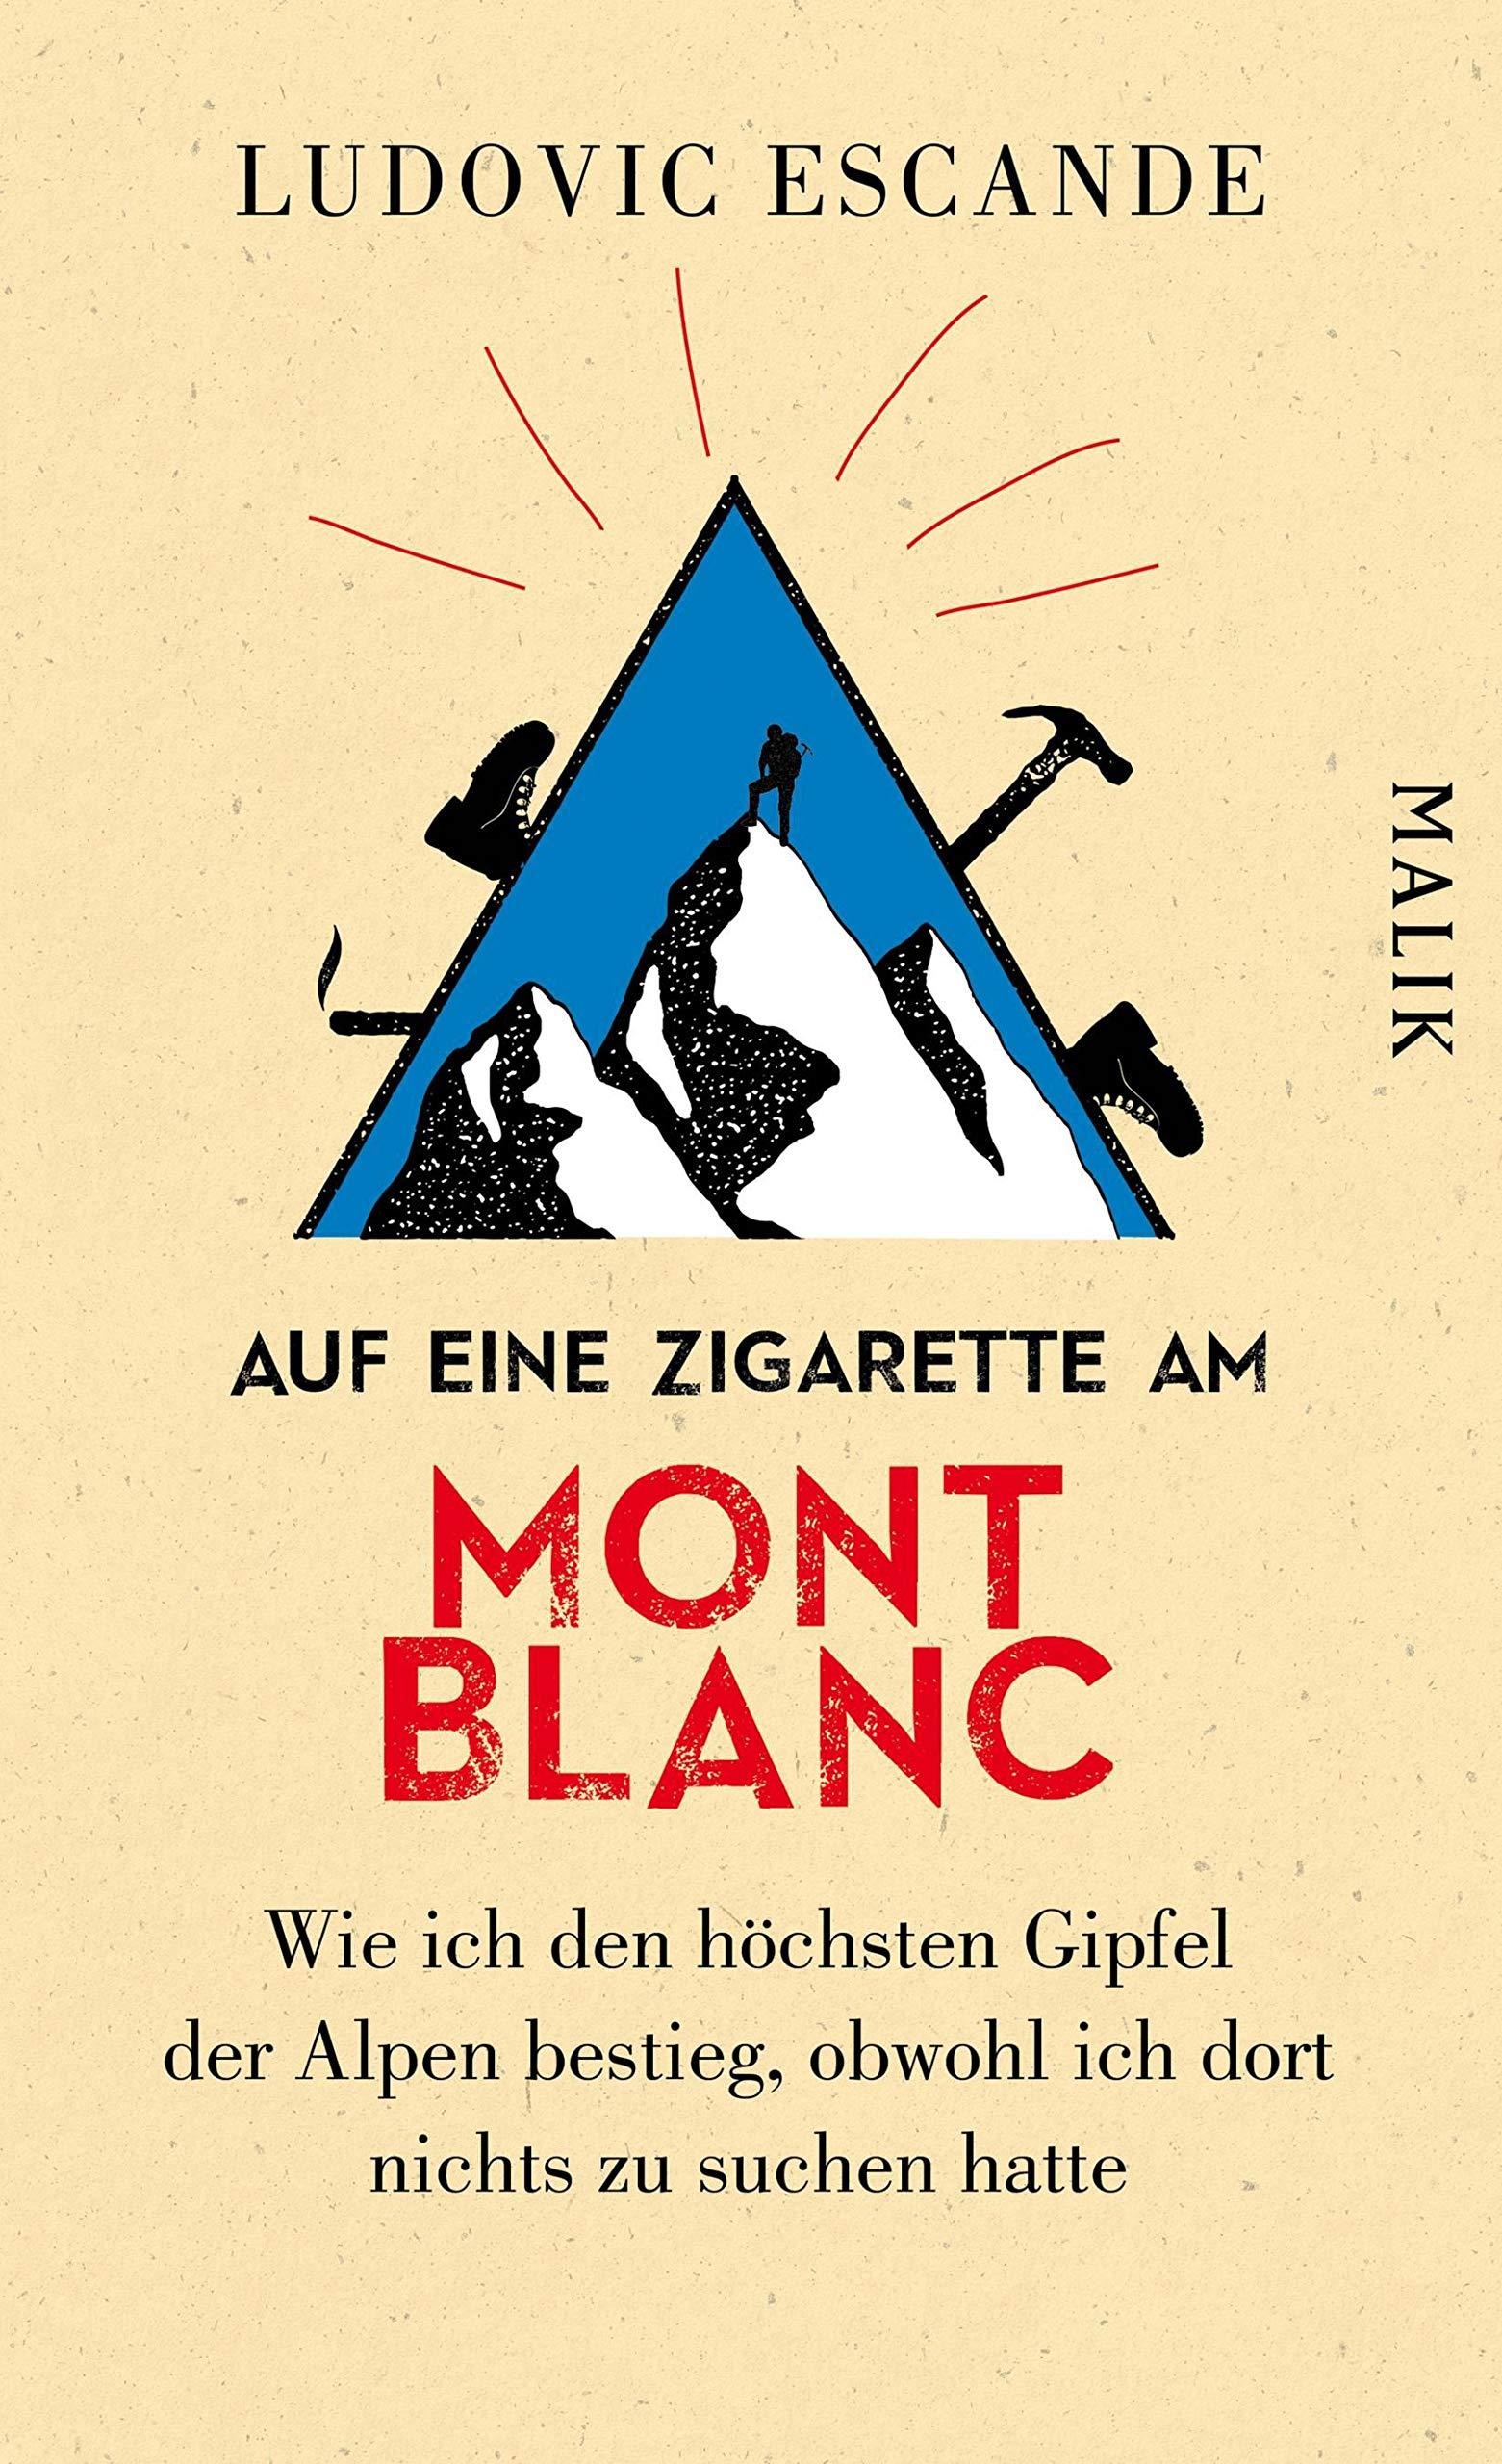 auf-eine-zigarette-am-mont-blanc-wie-ich-den-hchsten-gipfel-der-alpen-bestieg-obwohl-ich-dort-nichts-zu-suchen-hatte